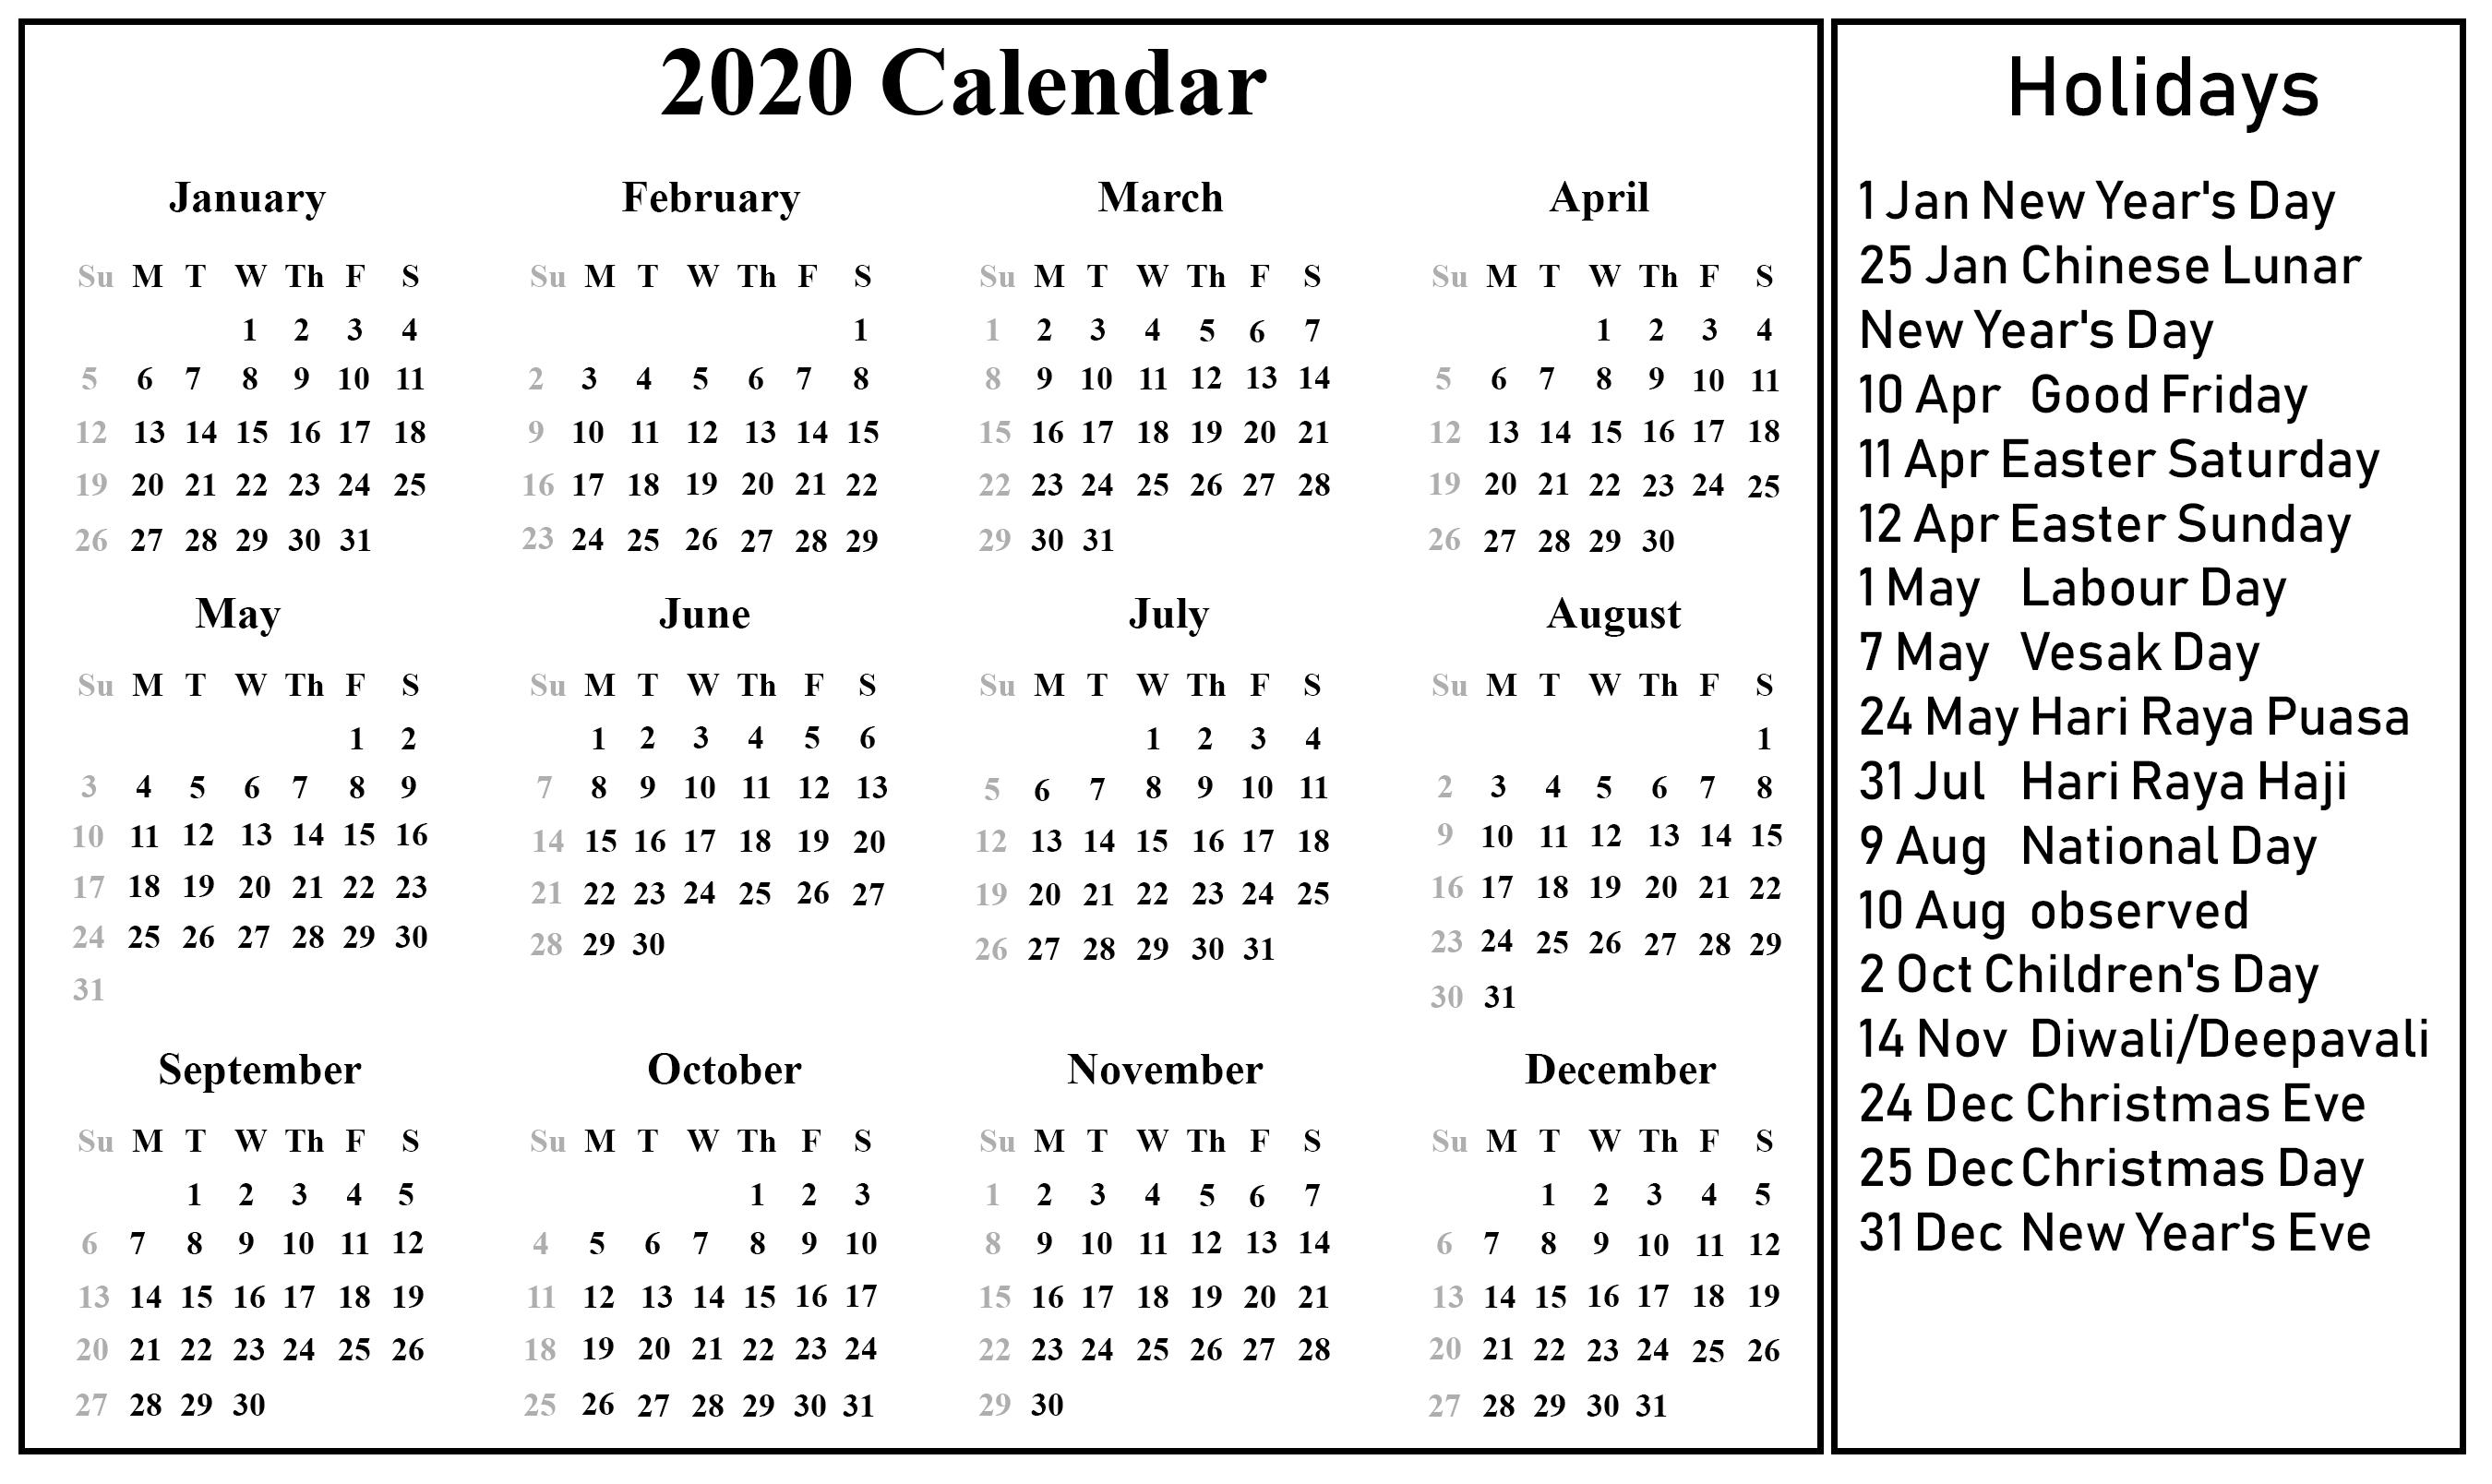 Singapore 2020 Printable Holidays Calendar | Printable Dashing Free Printable Christmas Calendar 2020